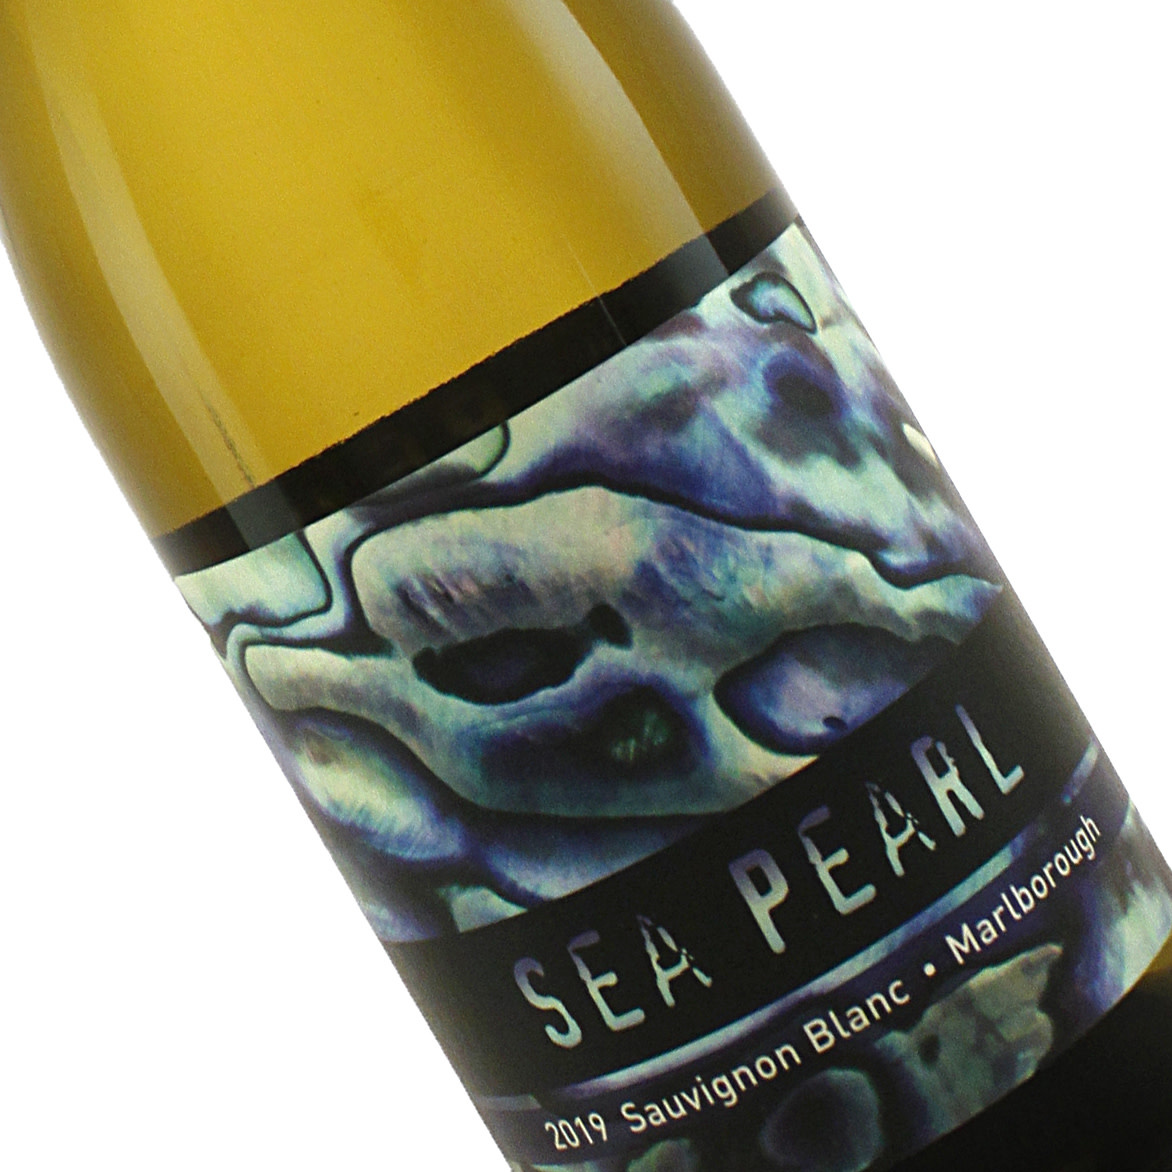 Sea Pearl 2019 Sauvignon Blanc, Marlborough